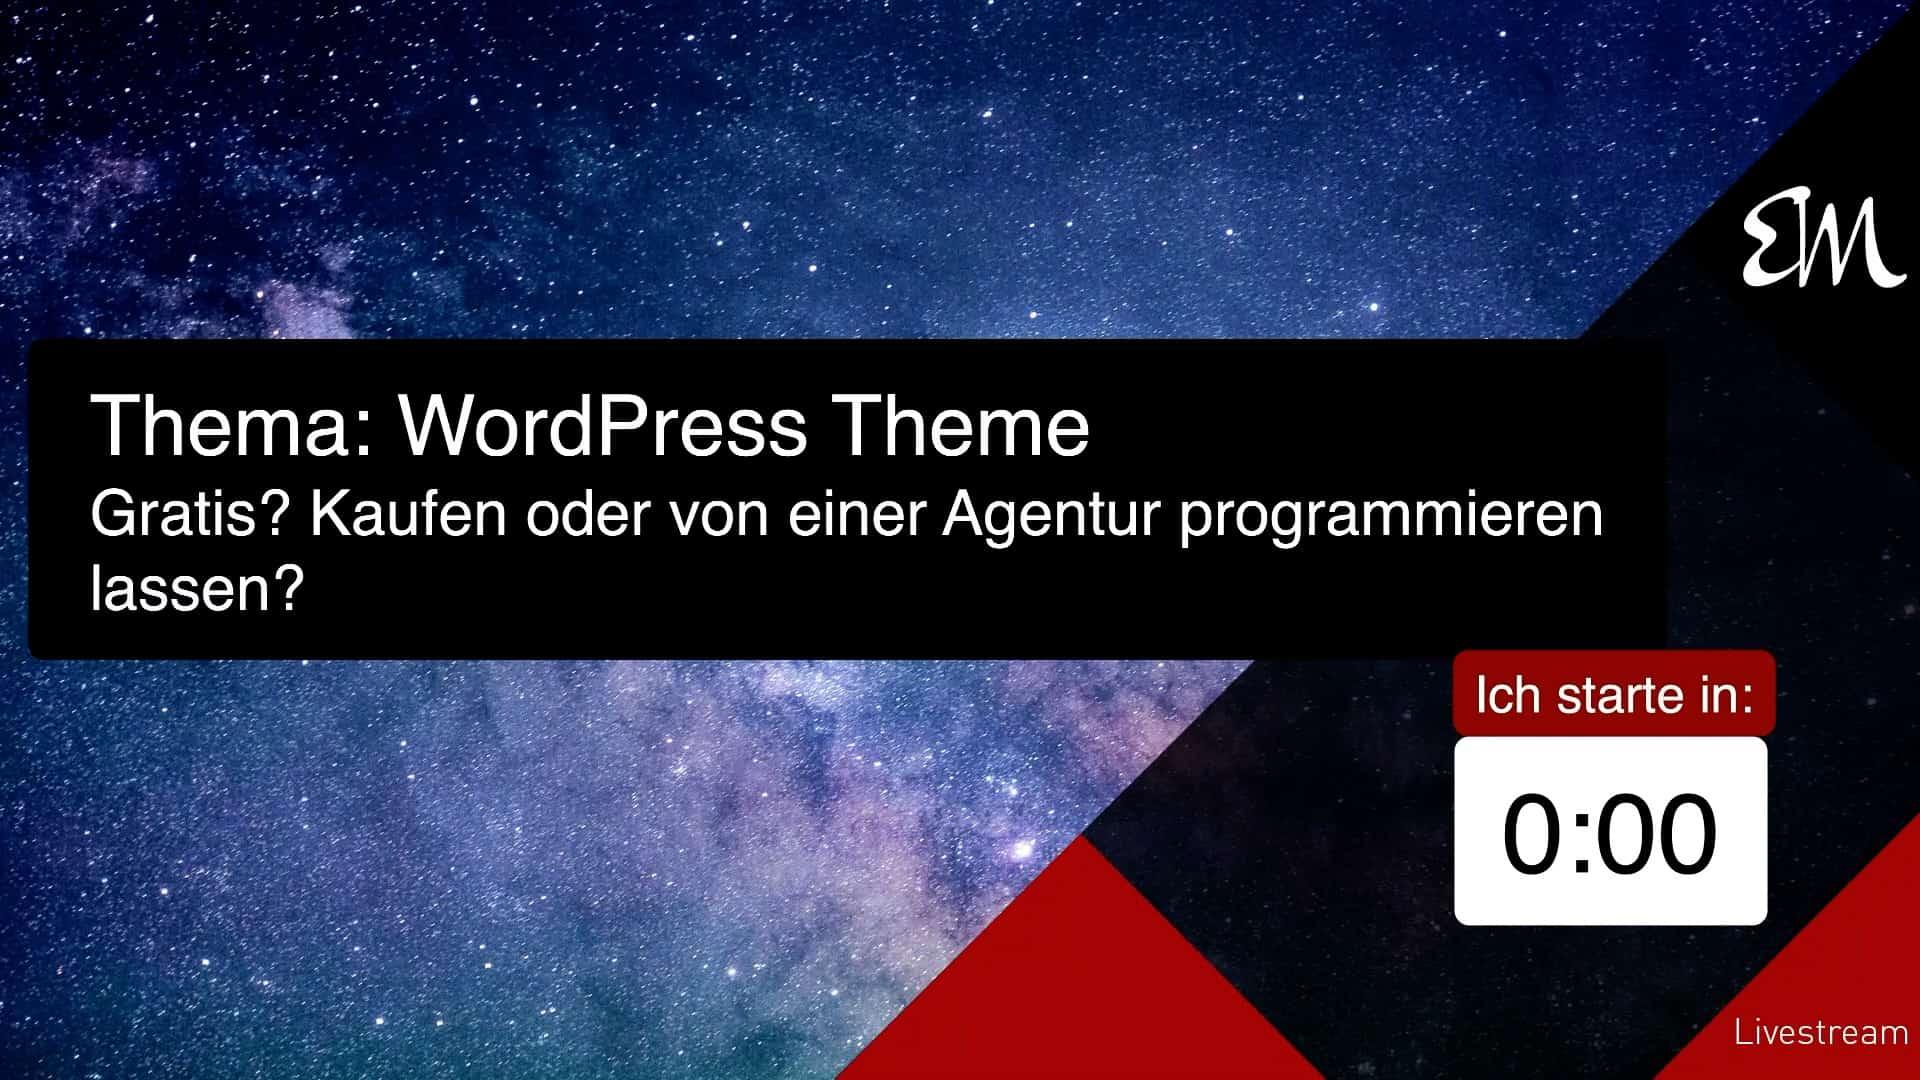 WordPress Theme – Gratis, kaufen oder von einer Agentur entwickeln lassen?